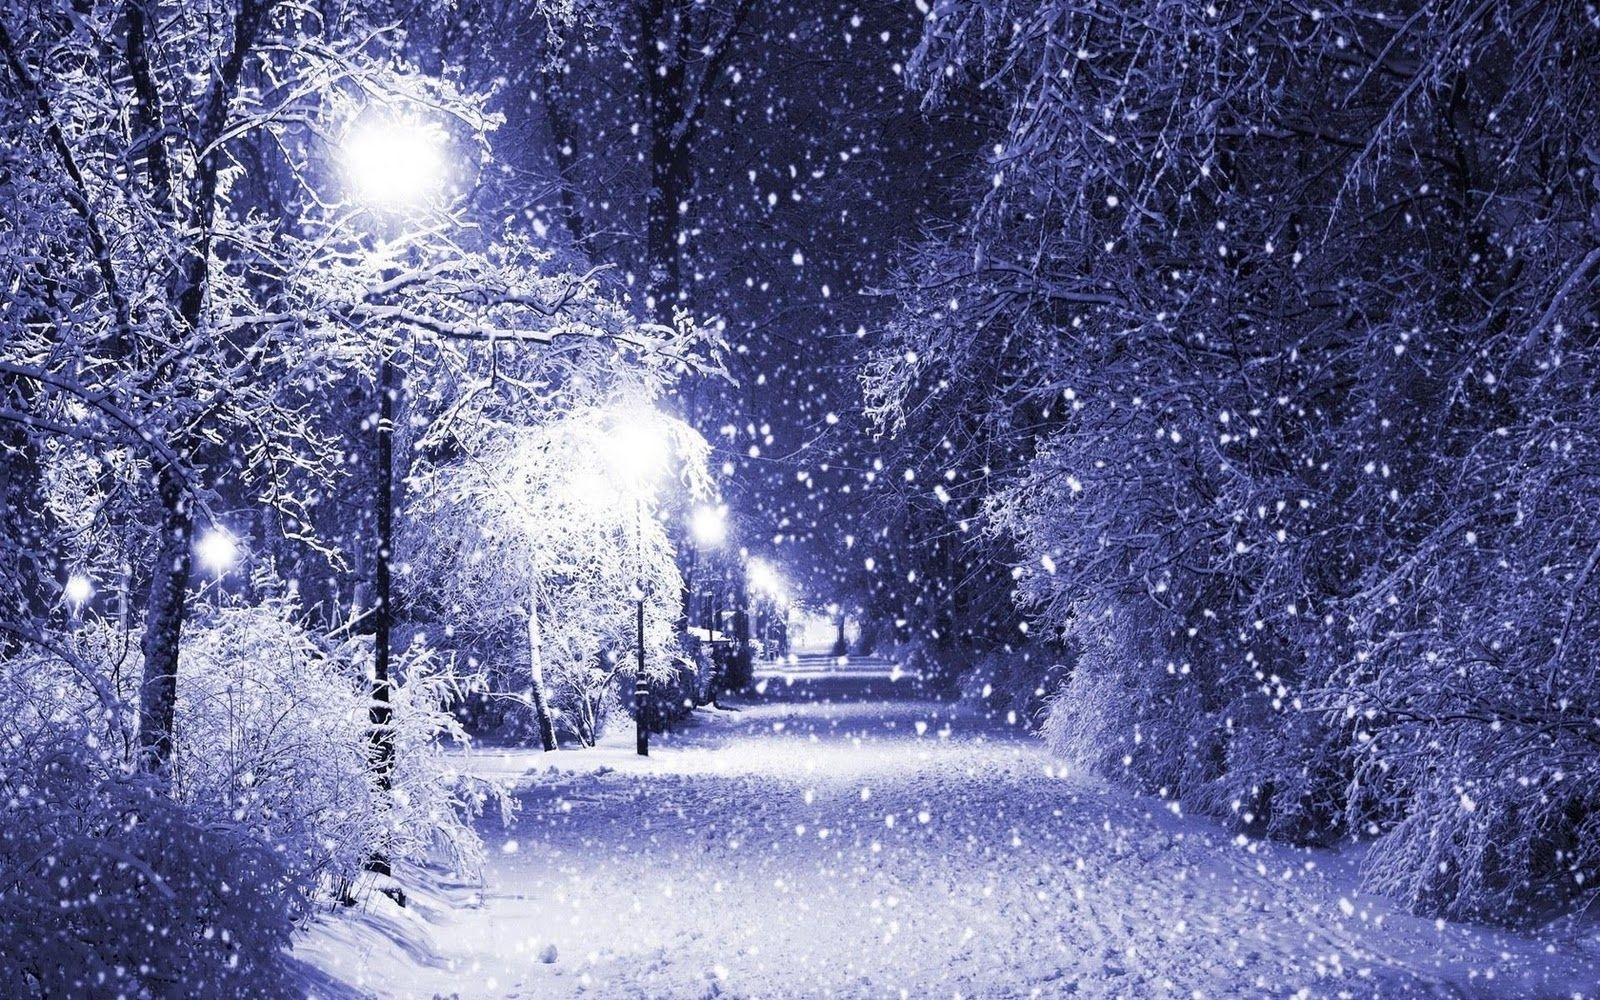 winter-scenes-desktop-backgrounds-001 – adorable wallpapers